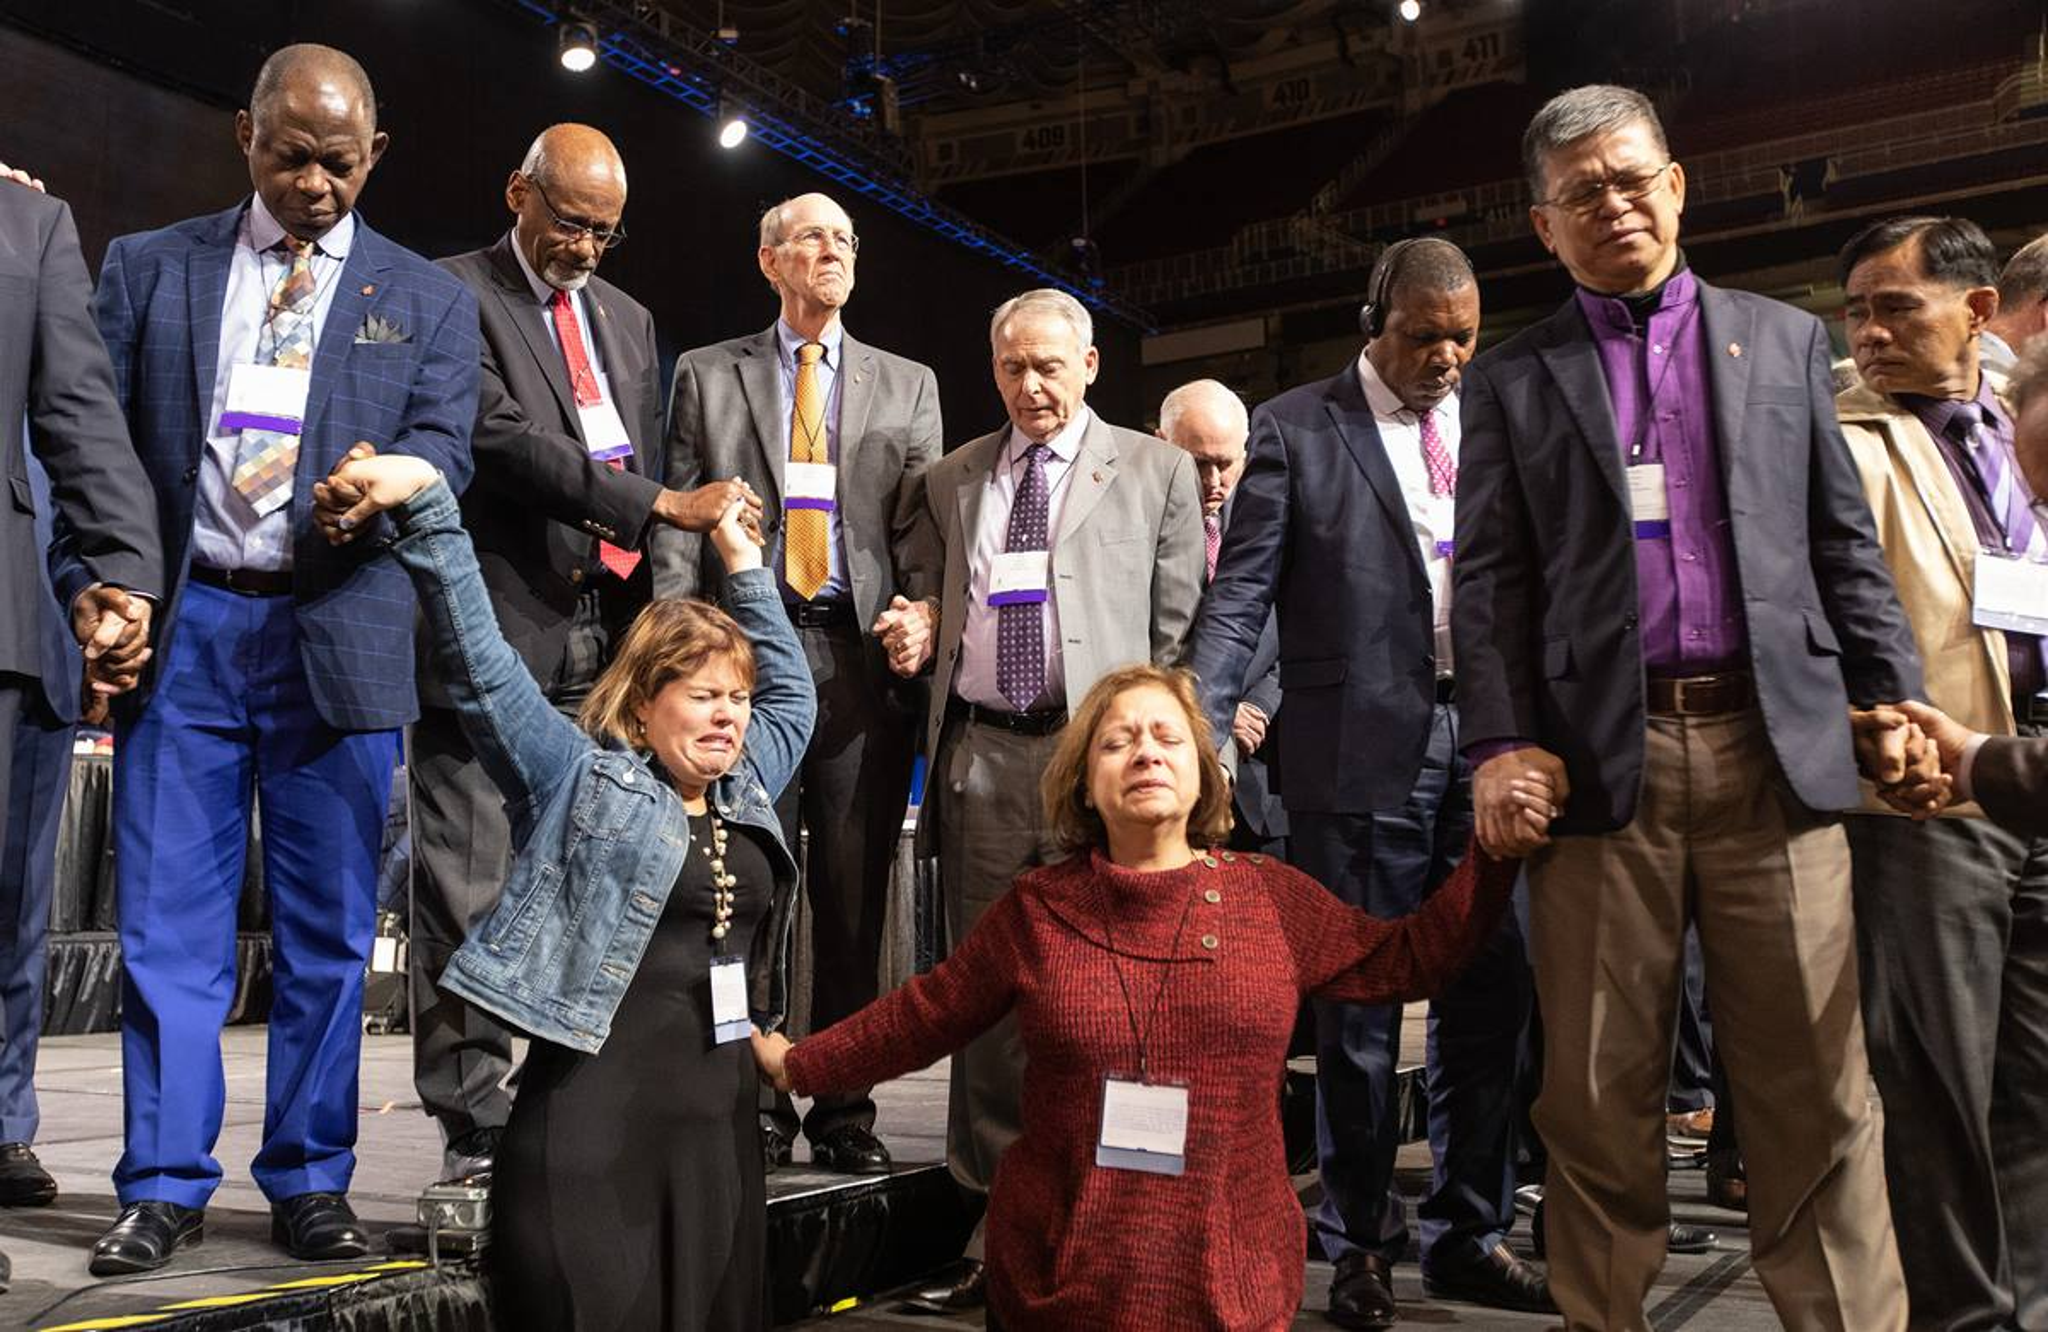 Las delegadas de Florida, Rachael Sumner (al frente en la izquierdo) y la Revda. Jacqueline Leveron (al frente en la derecha)  se unen en oración con los/as obispos/as y otros/as delegados/as al frente del presidium antes de una votación clave sobre las políticas de la iglesia en torno a la homosexualidad. Foto de Mike DuBose, SMUN.